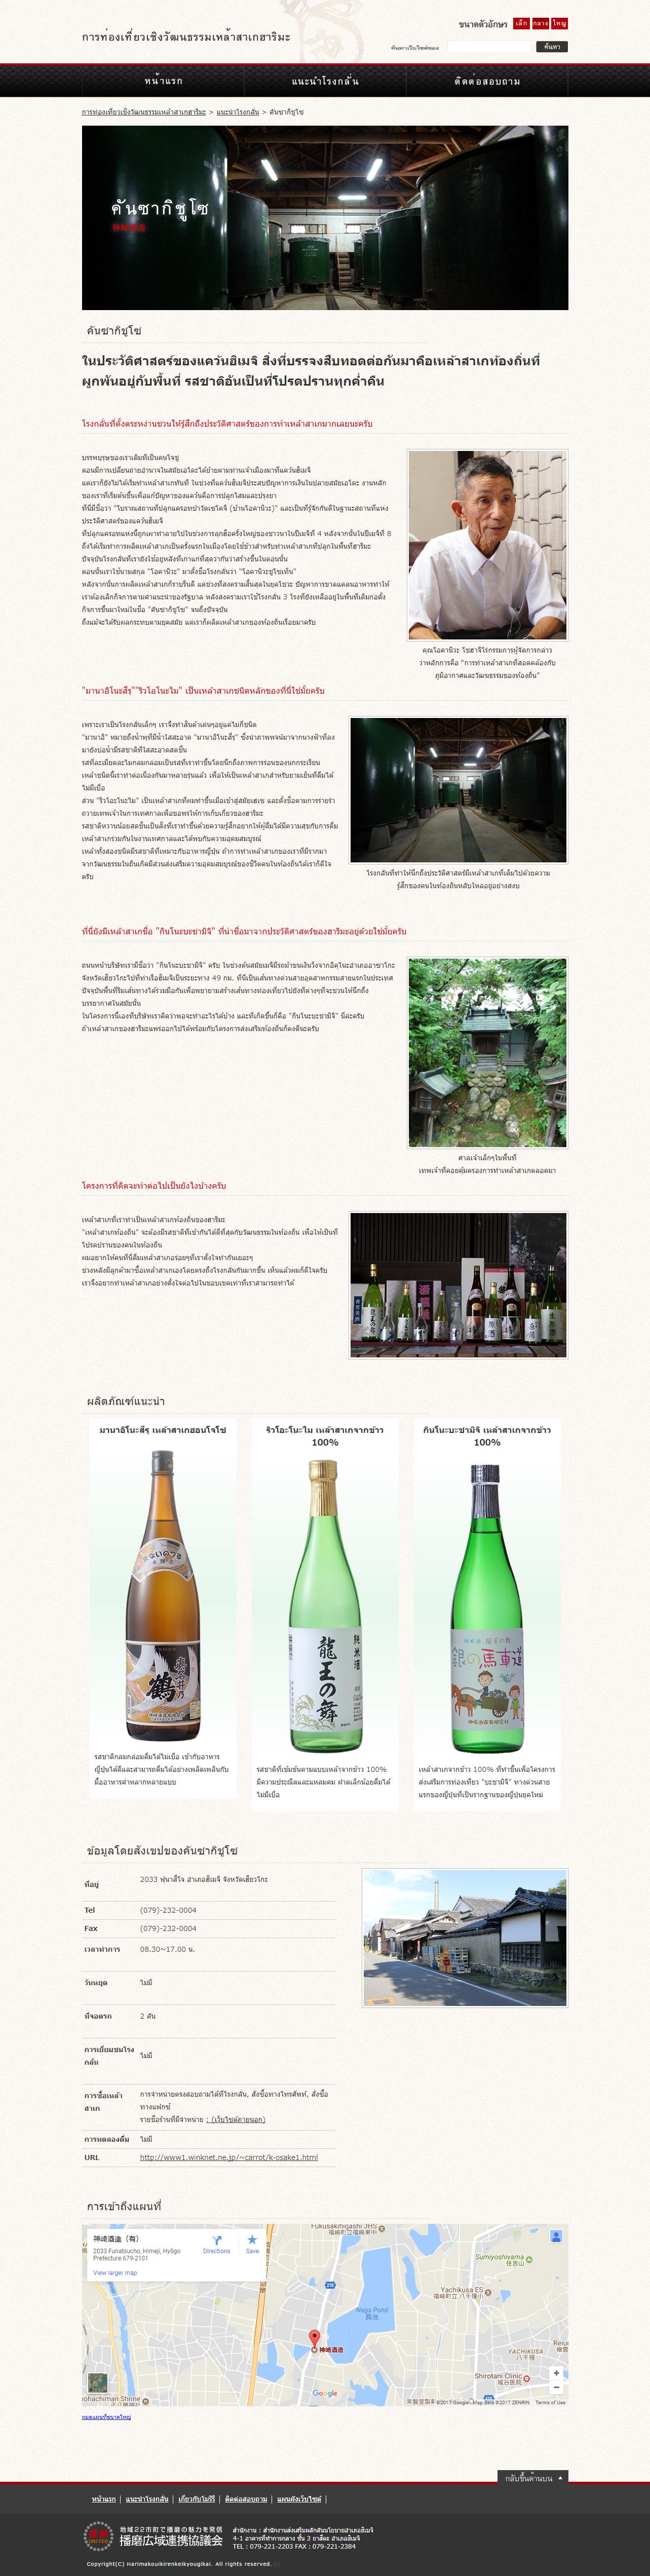 播磨広域連携協議会 はりま酒文化ツーリズム タイ語サイト2